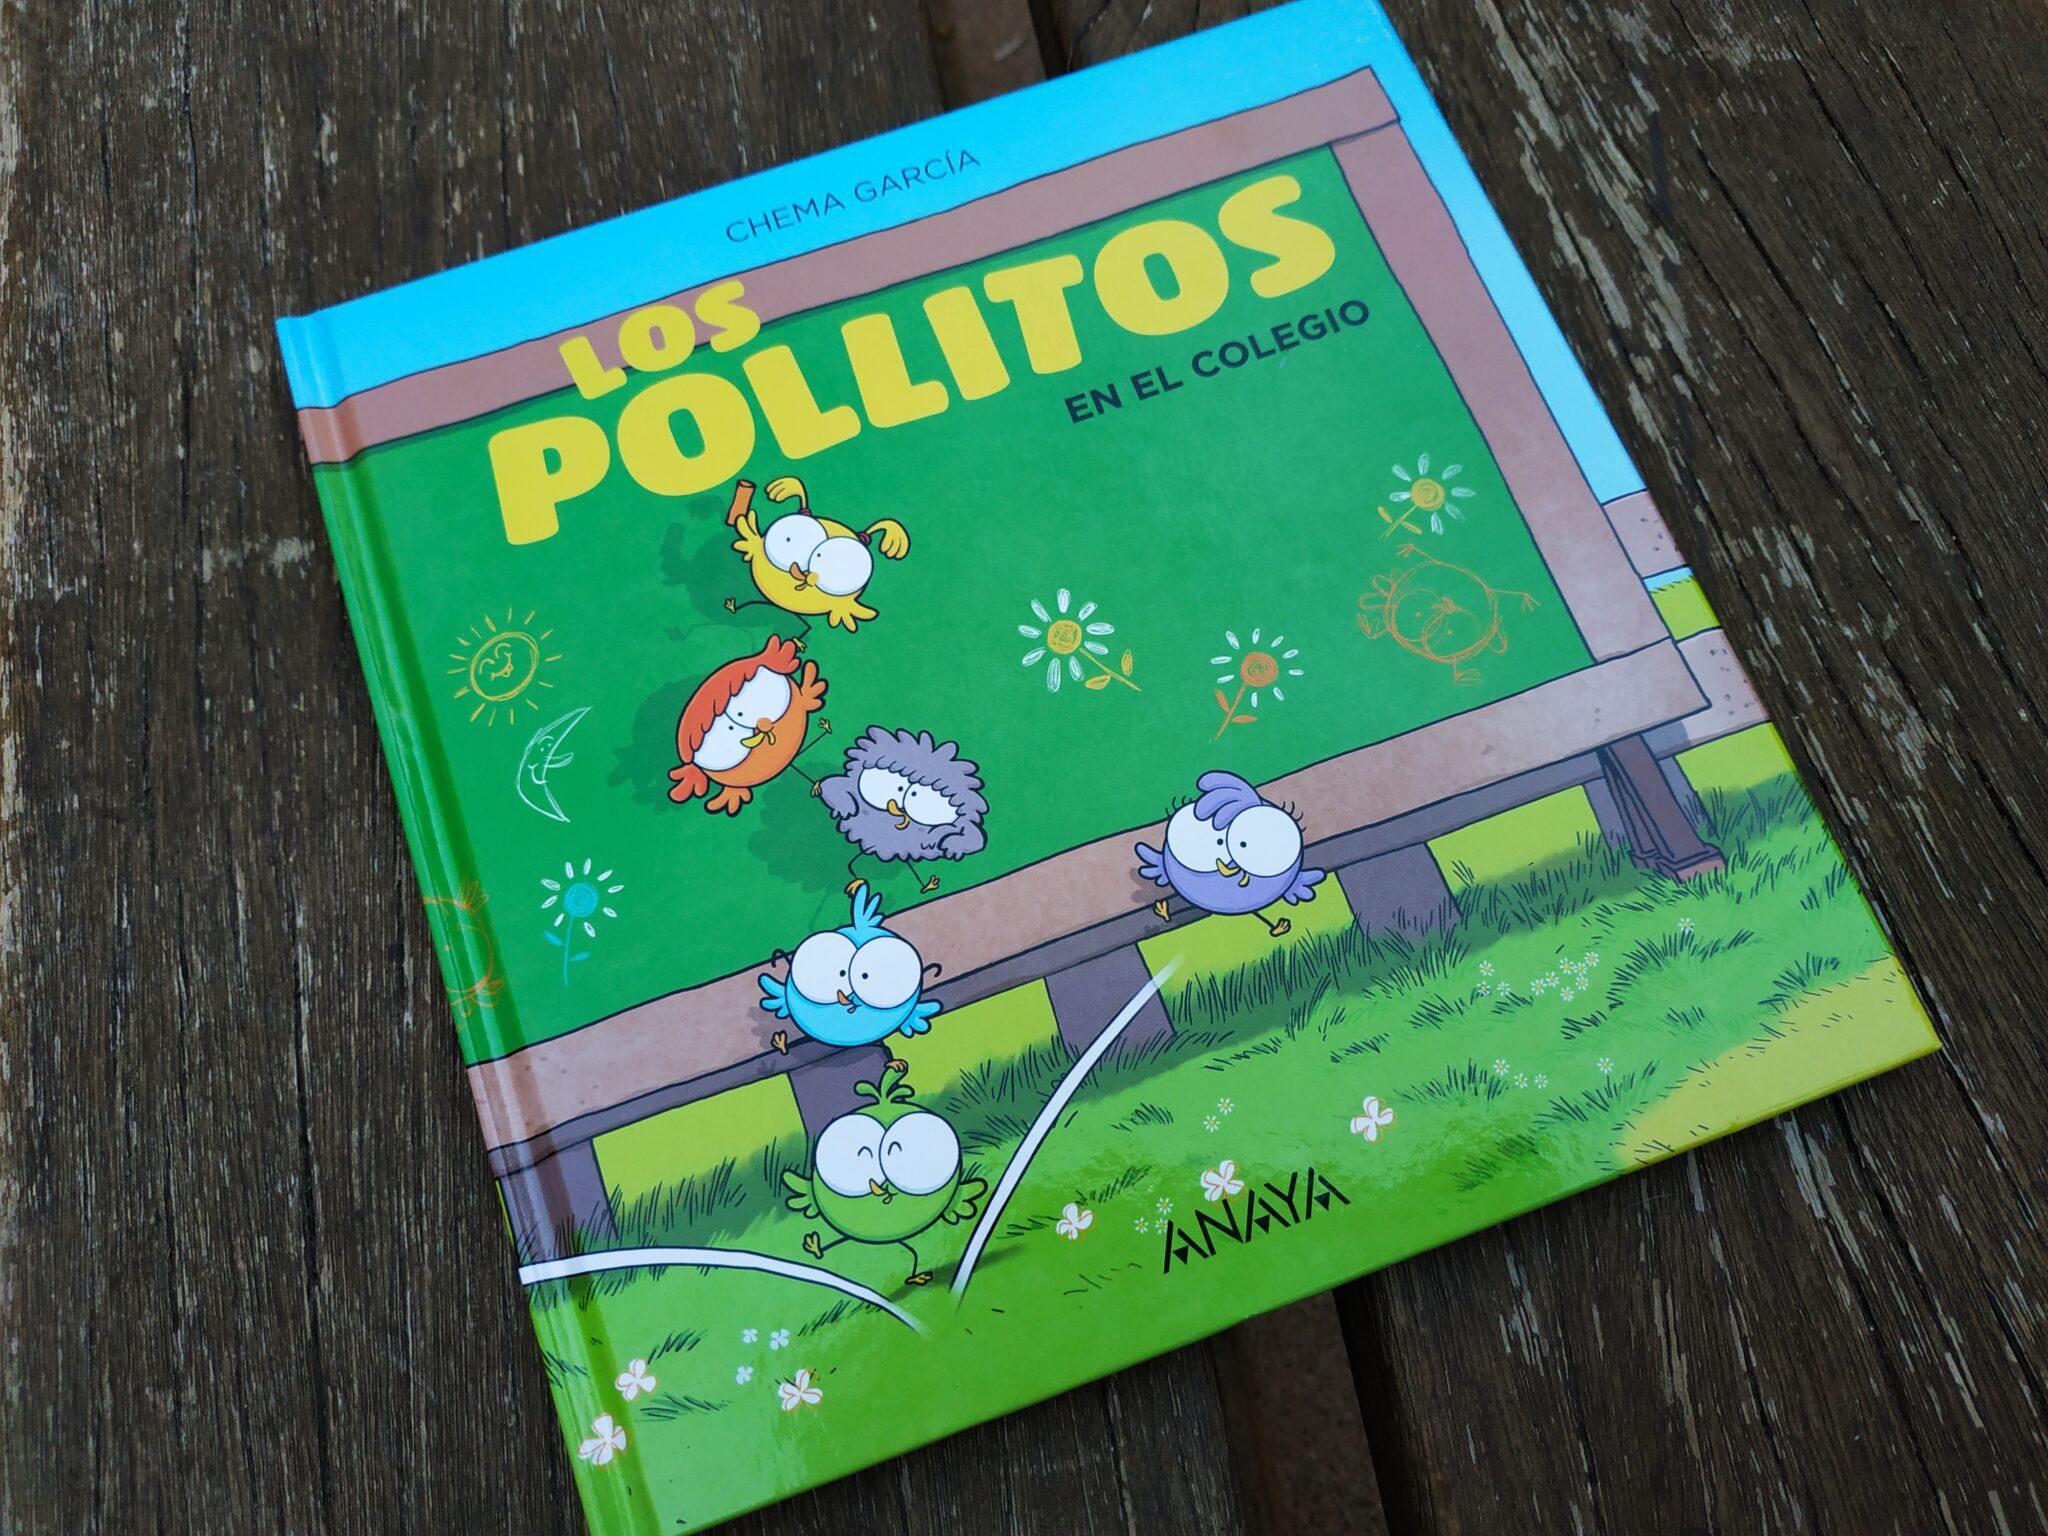 IMG 20191006 192824 - Los Pollitos en el Cole